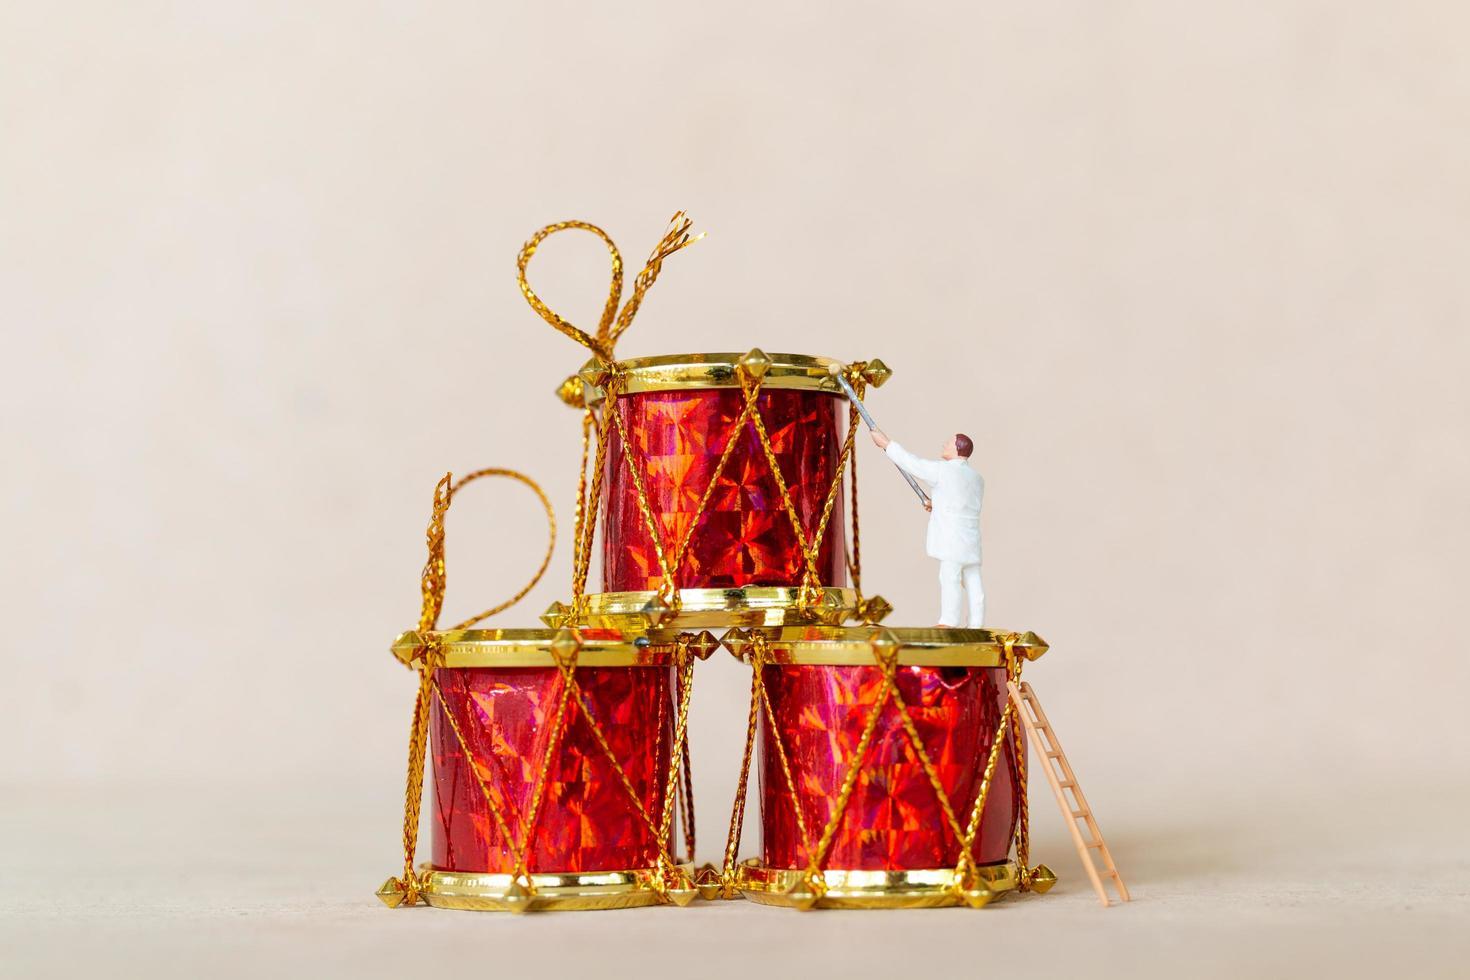 figurines miniatures d'une équipe travaillant sur des décorations de Noël photo